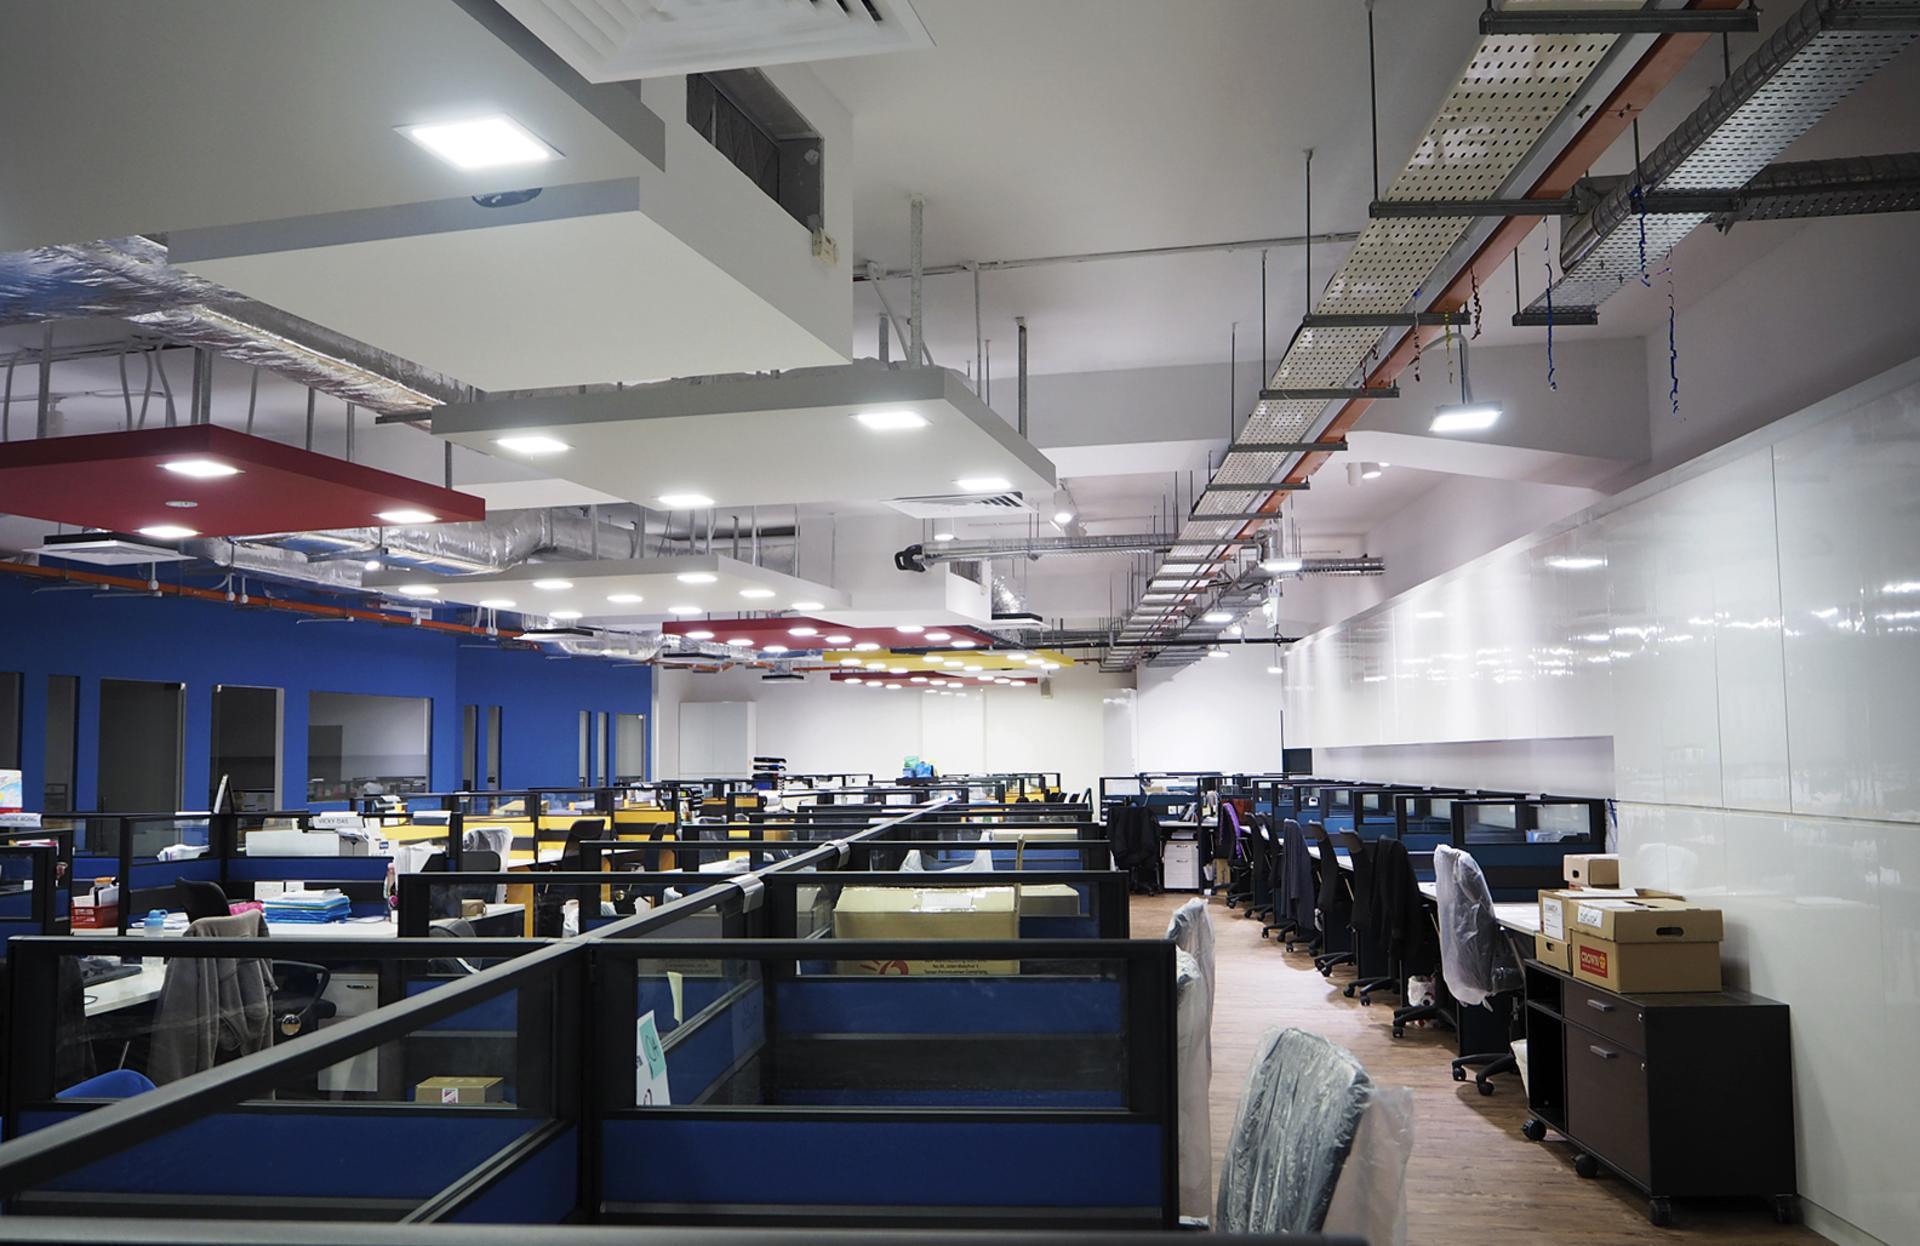 Nest design 19 home renovation singapore for Nest home design